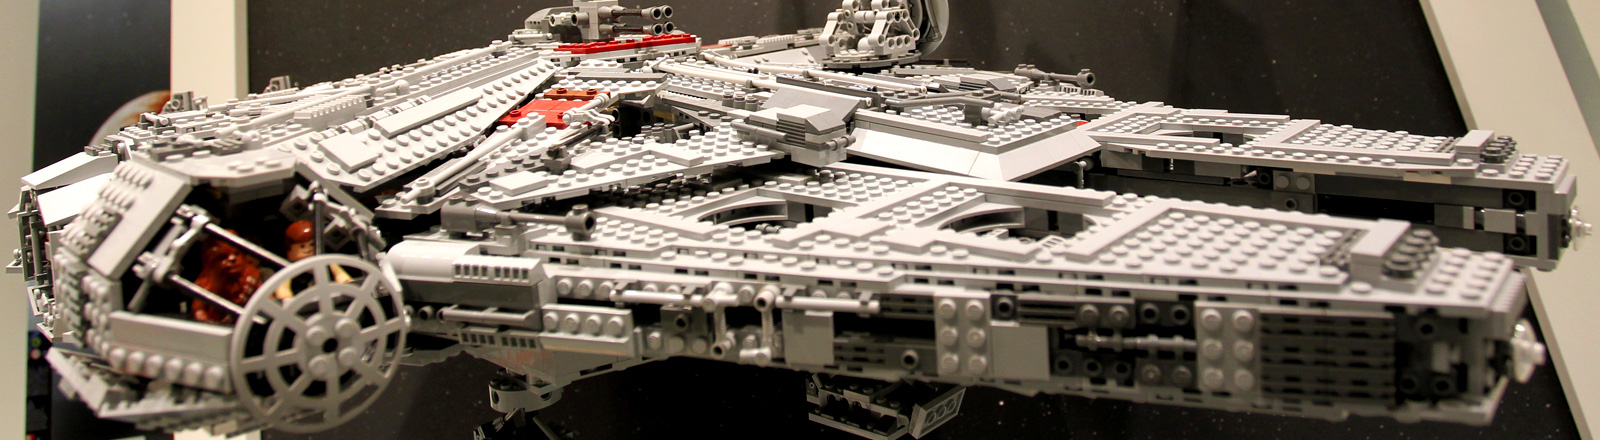 """Das aus Lego-Steinen gebaute Raumschiff """"Millenium Falcon"""" aus dem Kinofilm """"Krieg der Sterne"""" ist am Freitag (04.02.2011) in Nürnberg (Mittelfranken) während der Spielwarenmesse zu sehen."""